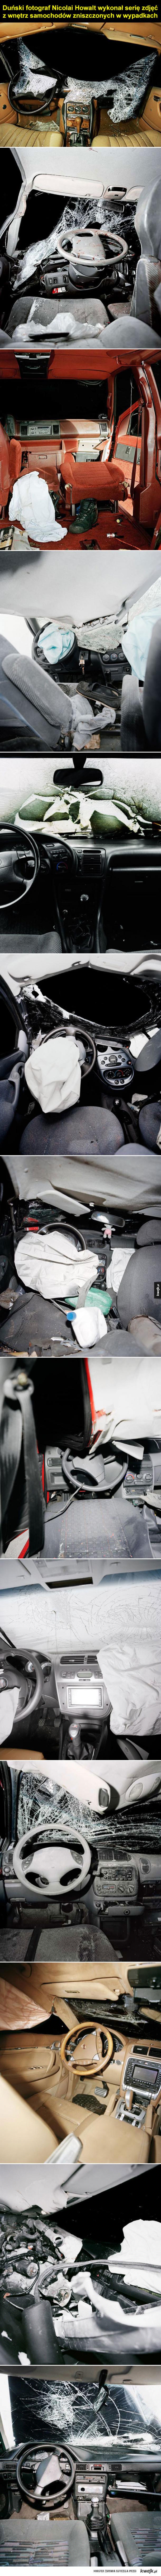 Niepokojące zdjęcia Samochodów po wypadkach